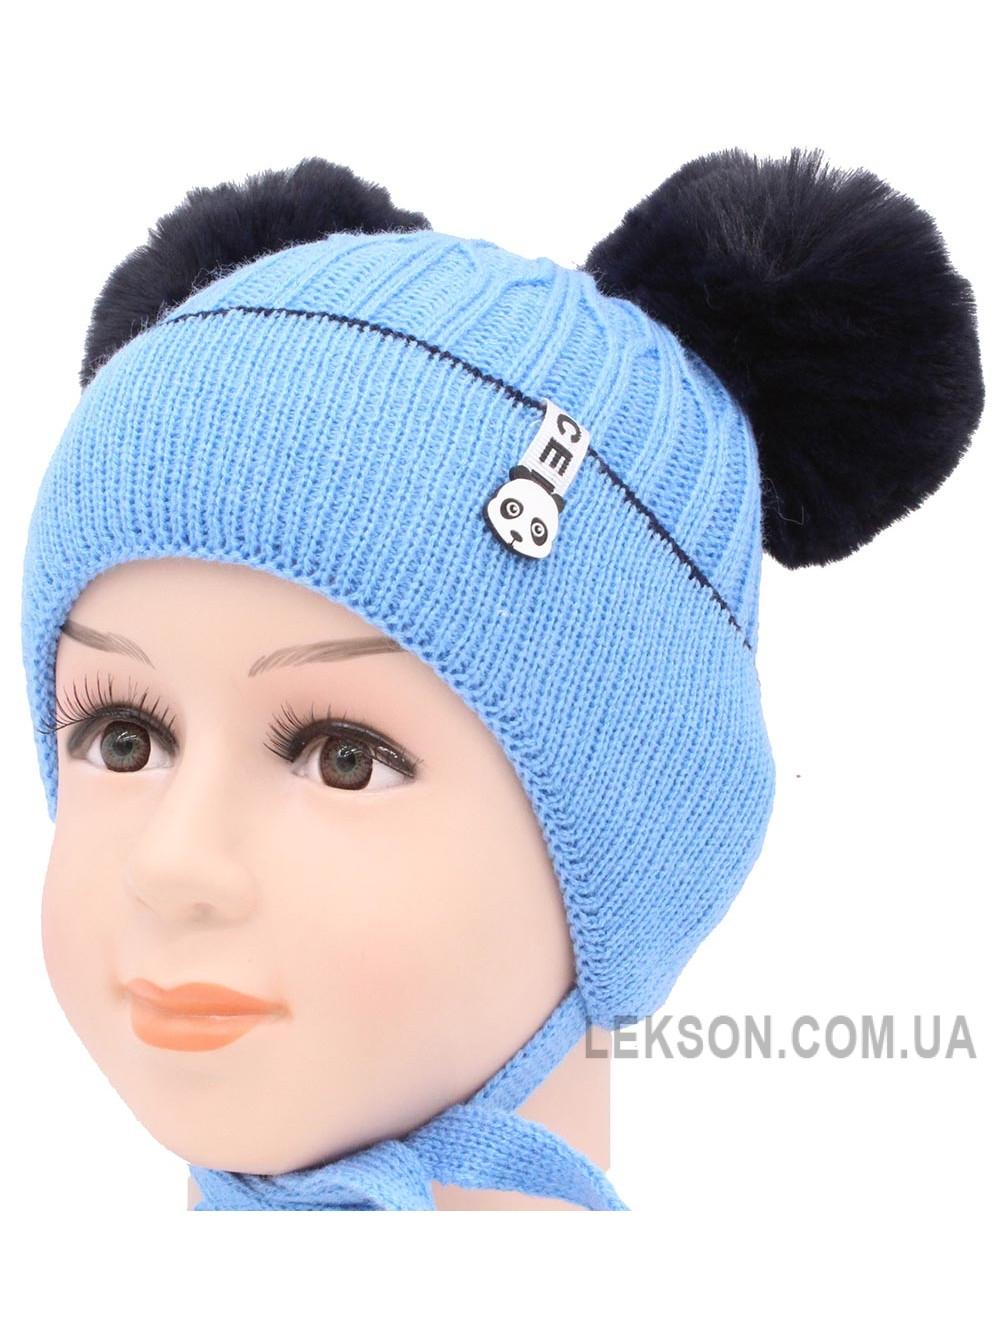 Детская вязаная шапка S97-35-32-48-50